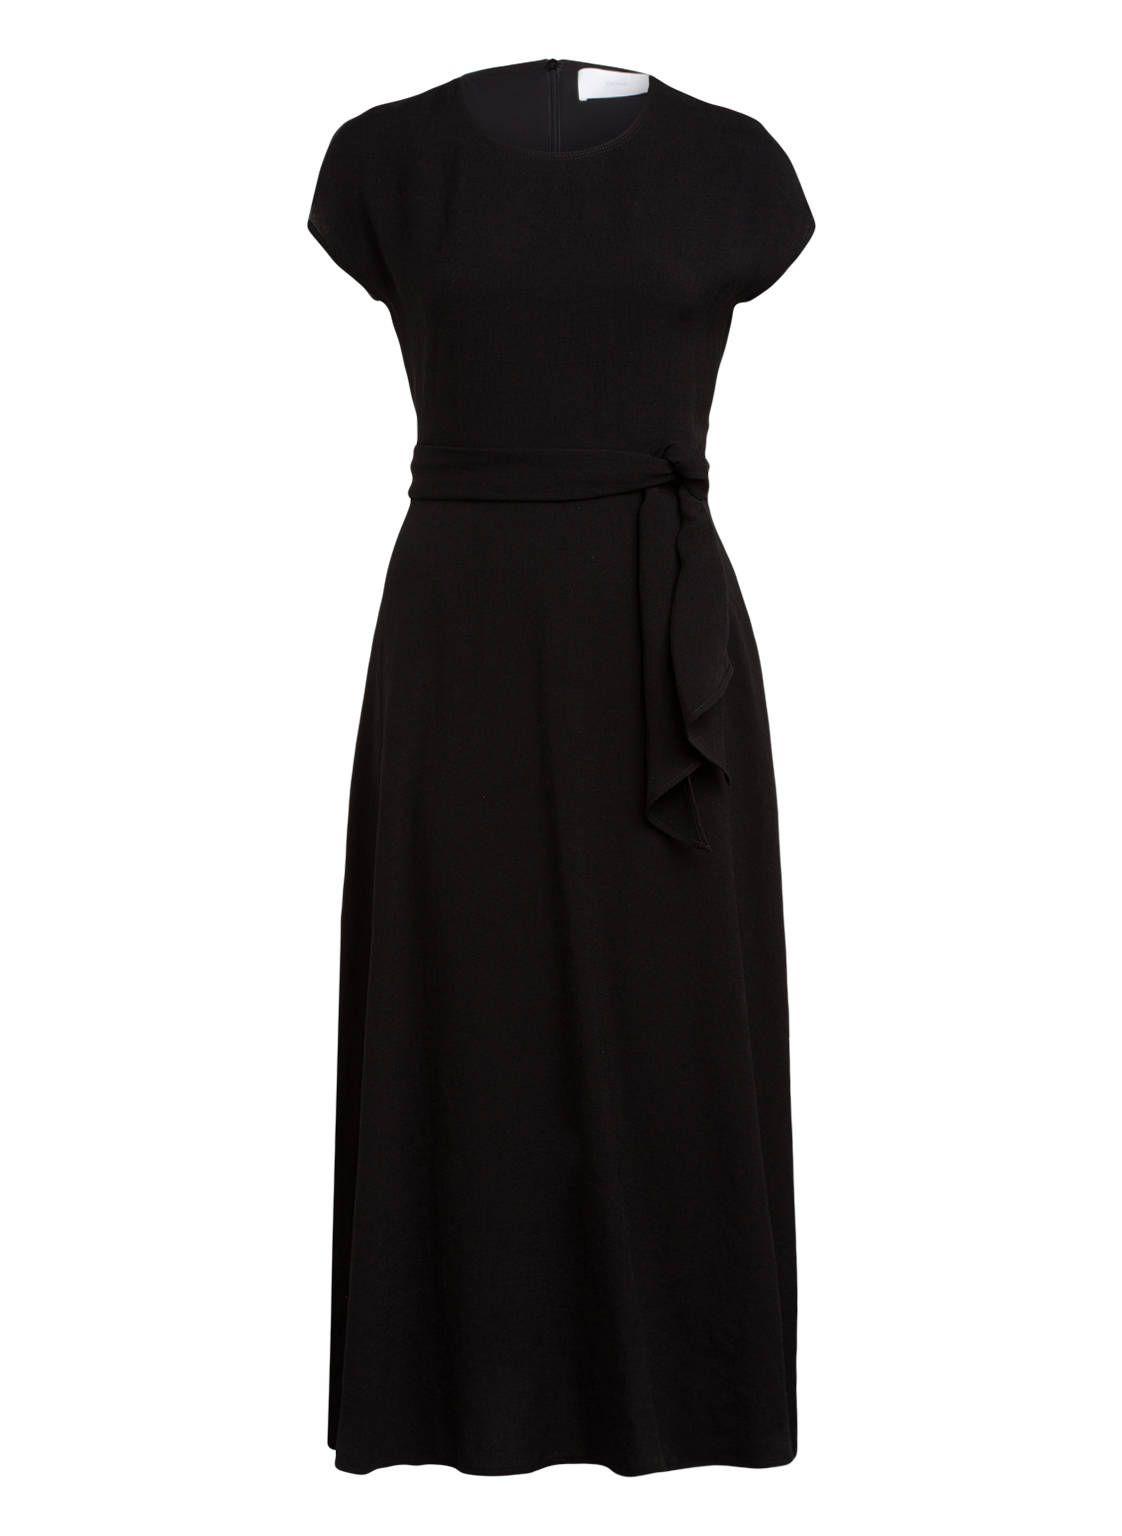 Kleid DACARI von BOSS bei Breuninger kaufen